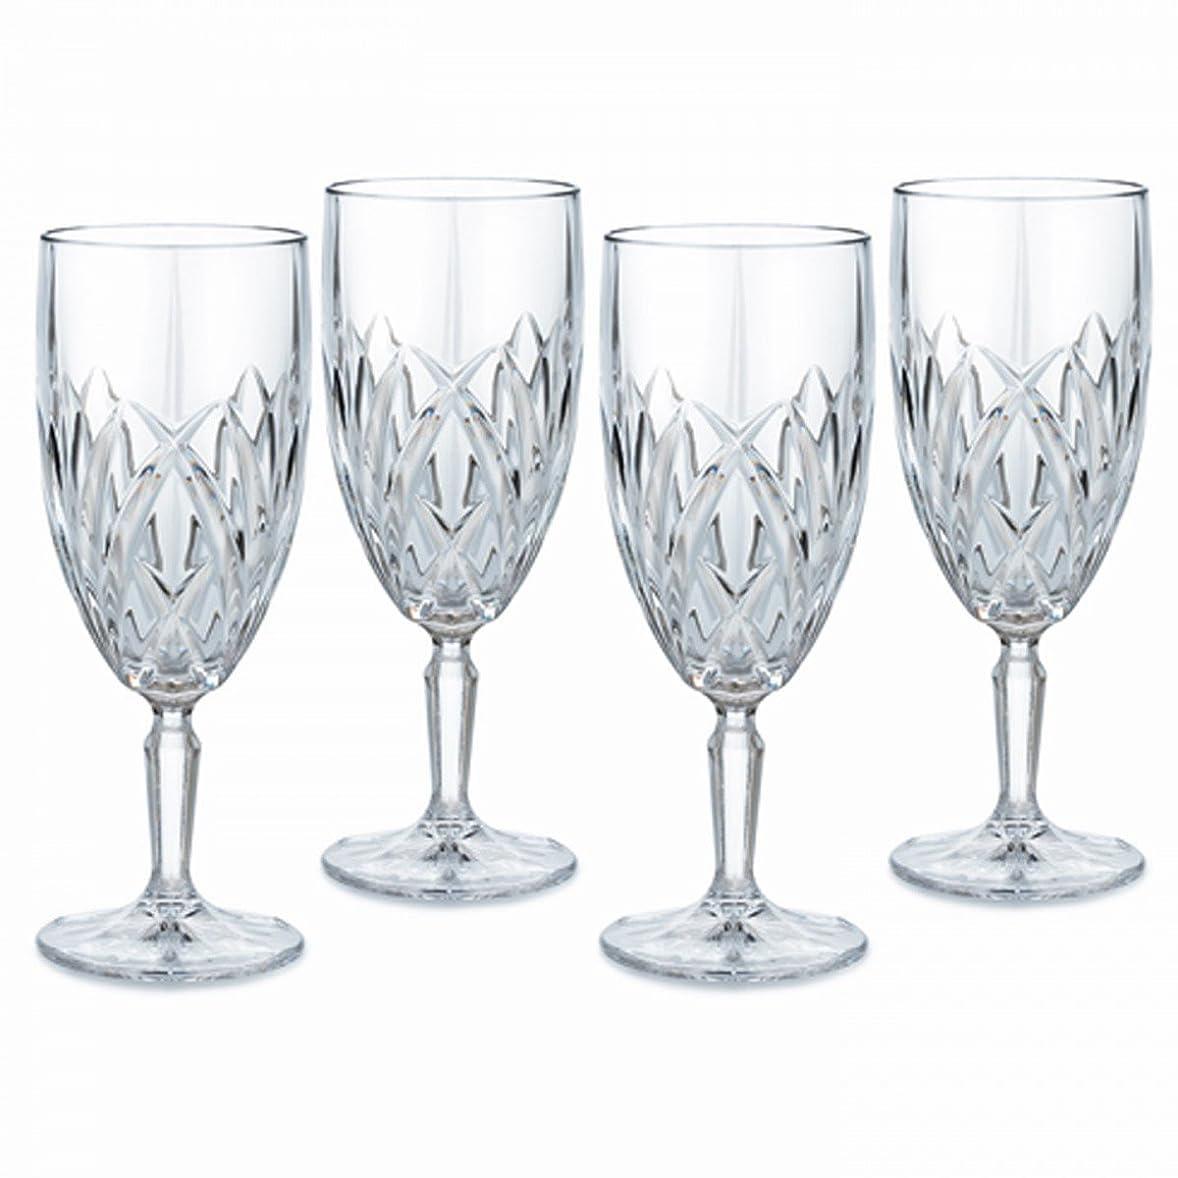 ハウス使役晩ごはんMarquis by Waterford Brookside 12-Ounce Footed Iced-Beverage Goblets, Set of 4 by Marquis By Waterford